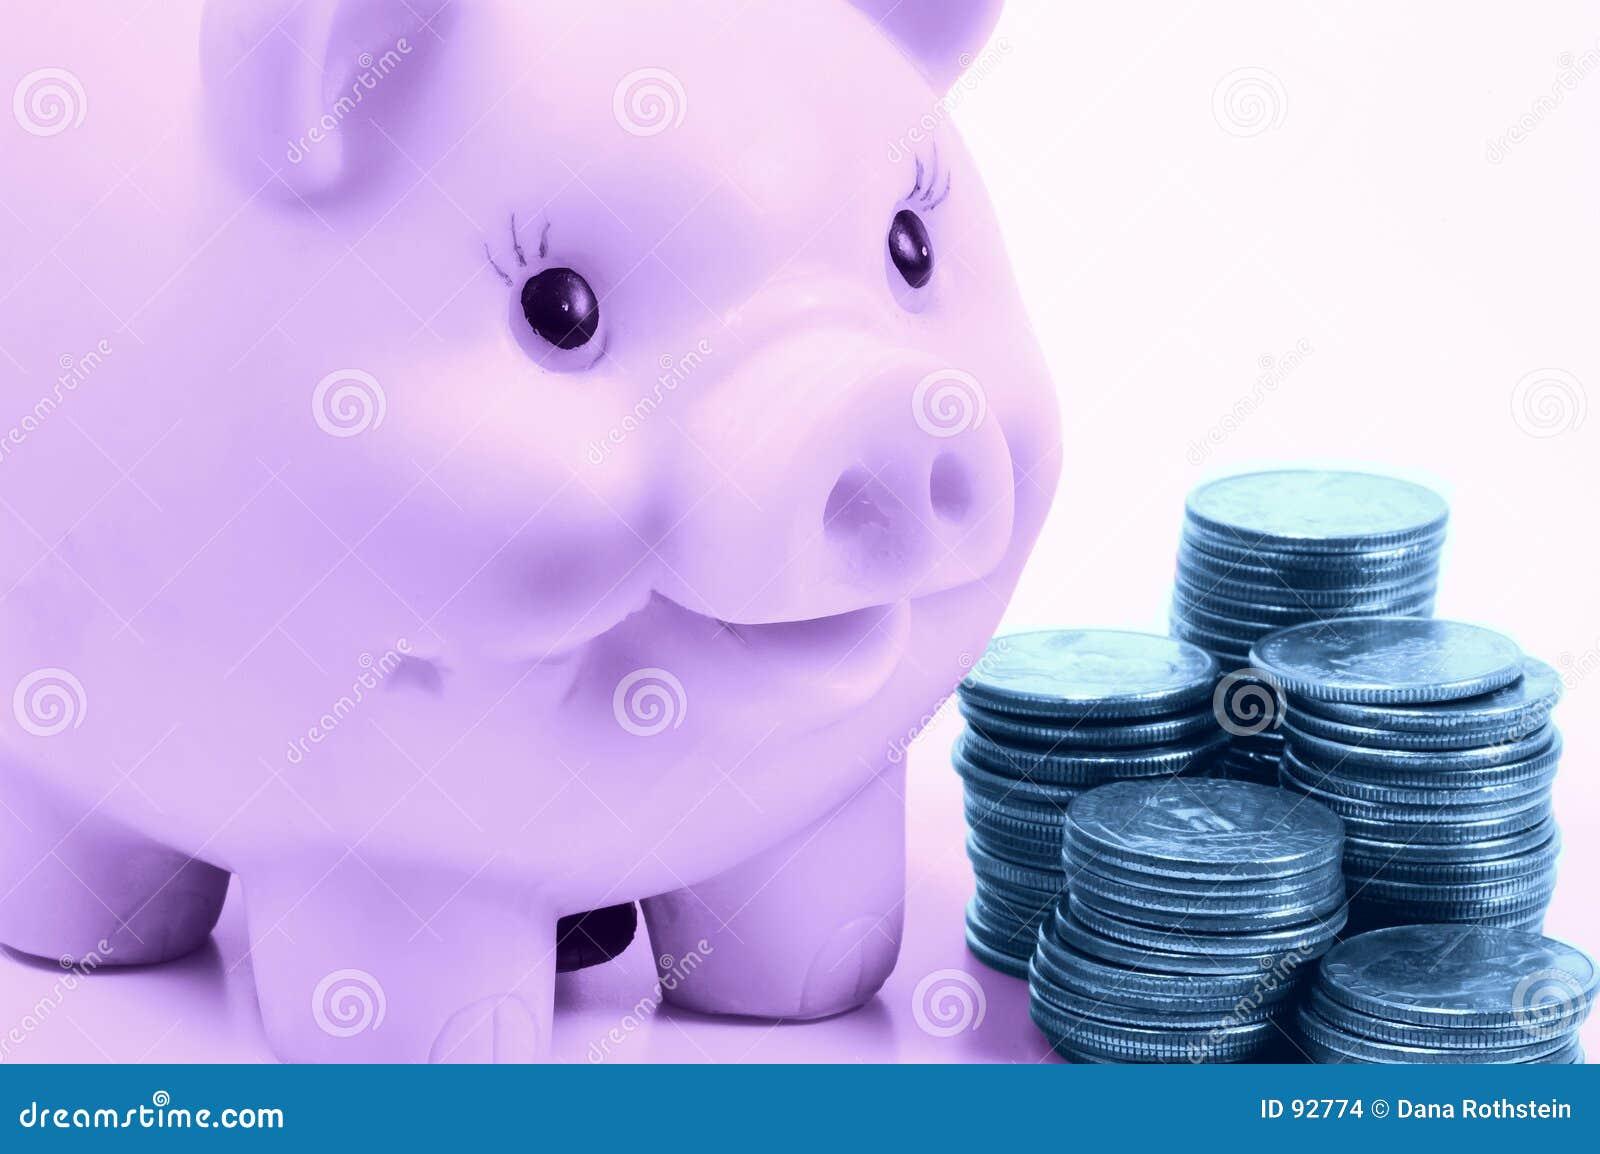 Persönliche Finanzierung 3